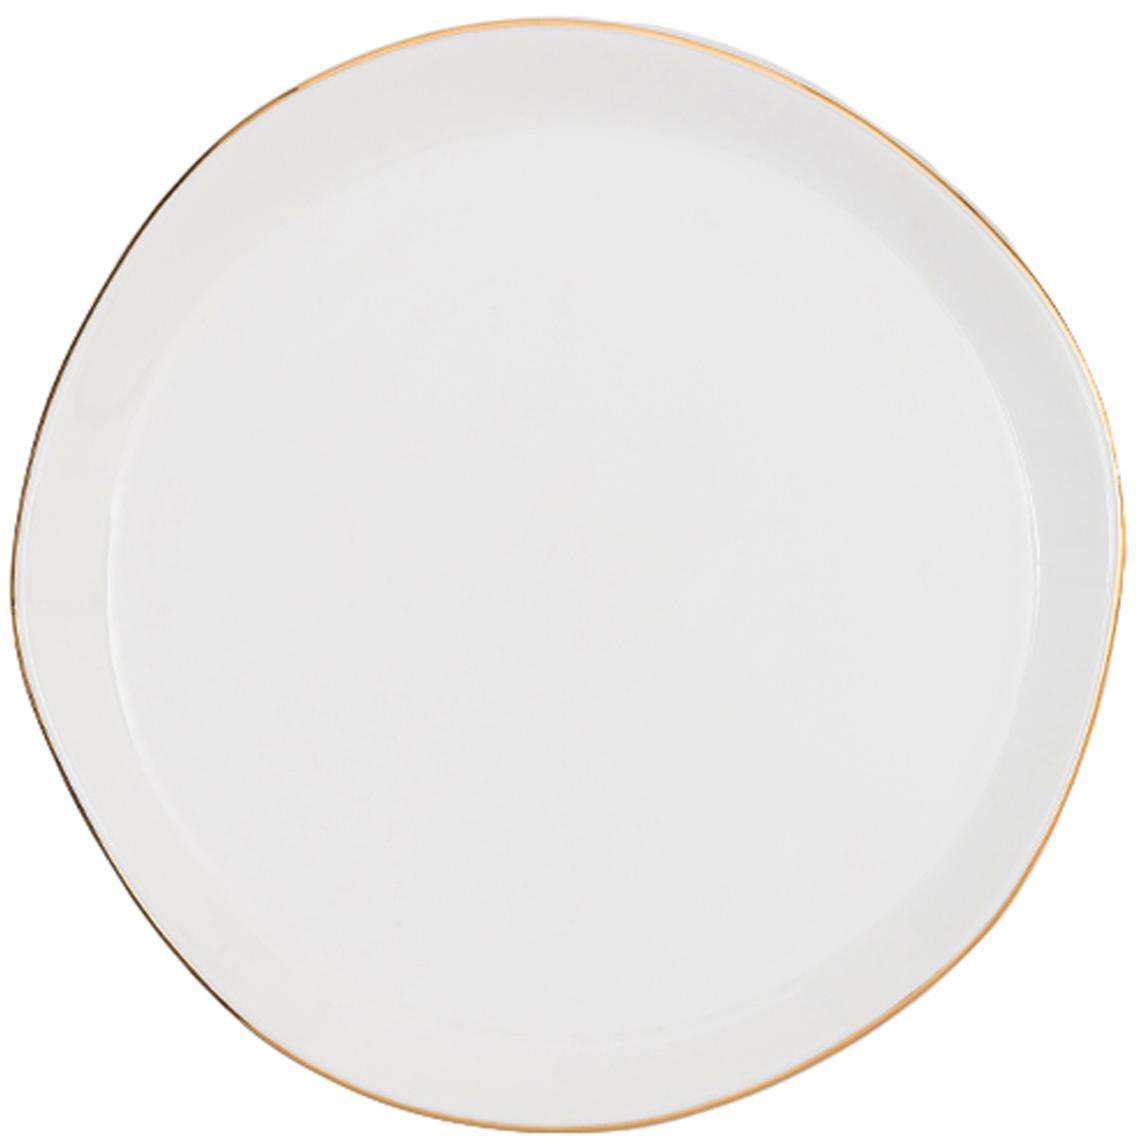 Kuchenteller Good Morning in Weiß mit Goldrand, Porzellan, Weiß, Goldfarben, Ø 17 cm